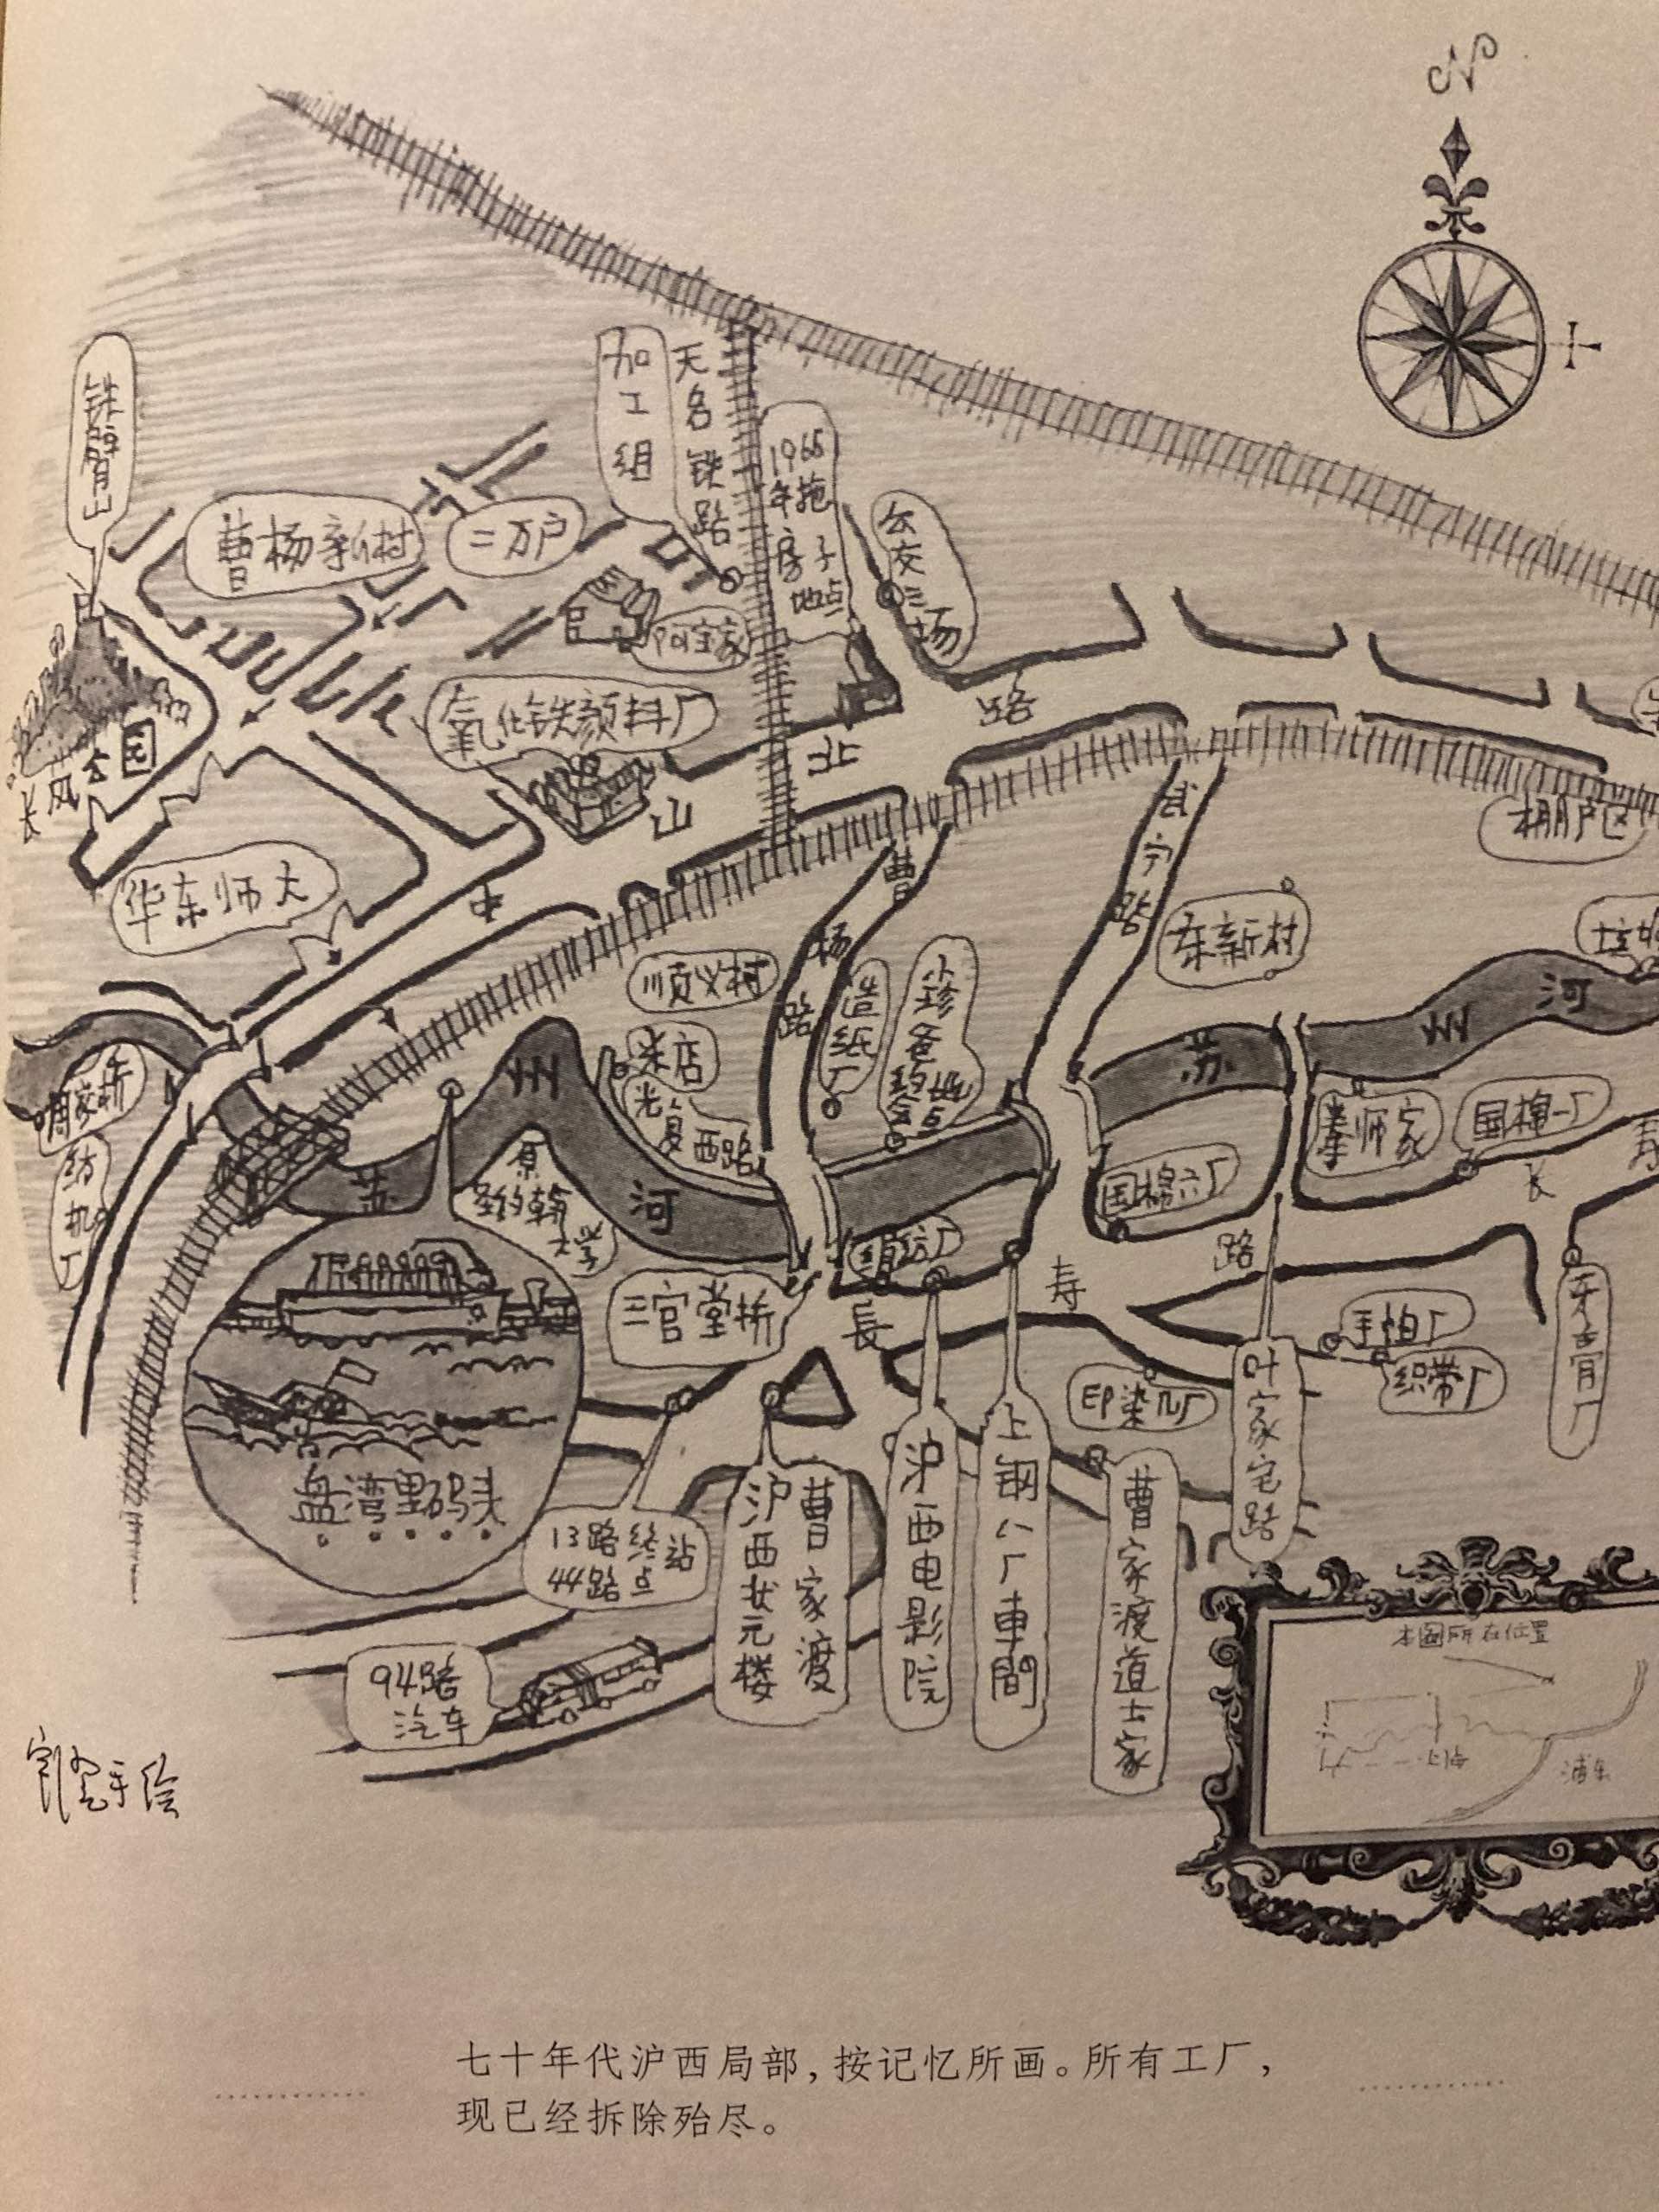 在金宇澄的小说《繁花》中,很多故事发生在苏州河的沿线。 澎湃新闻记者 沈健文 翻拍